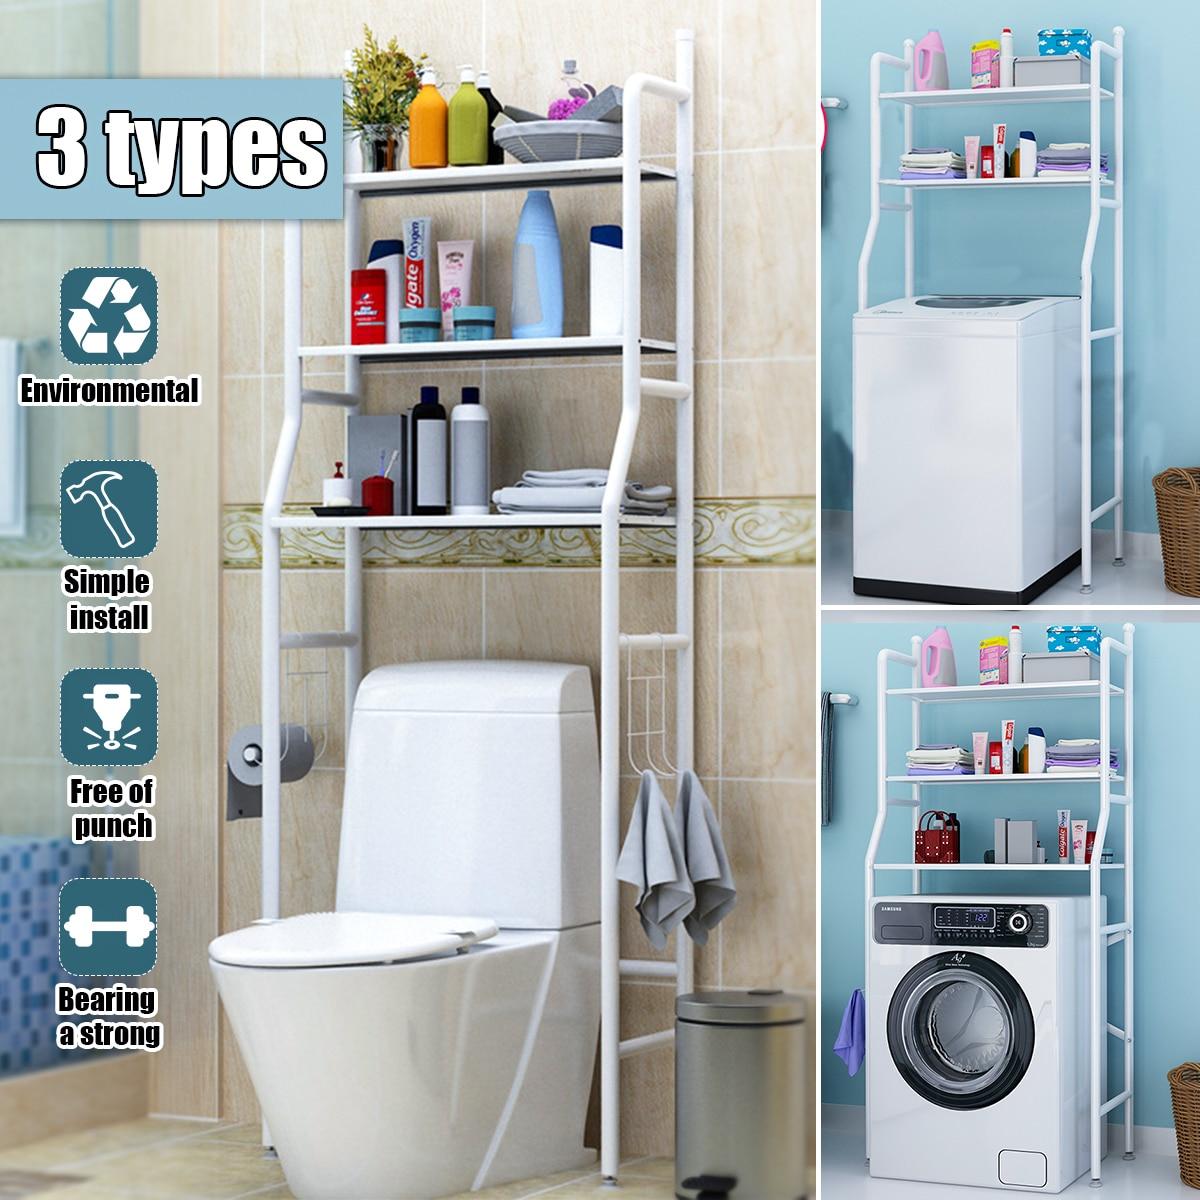 Étagère de rangement de salle de bain sur toilette avec porte-rouleau et crochets cuisine Machine à laver support salle de bain économiseur d'espace support organisateur